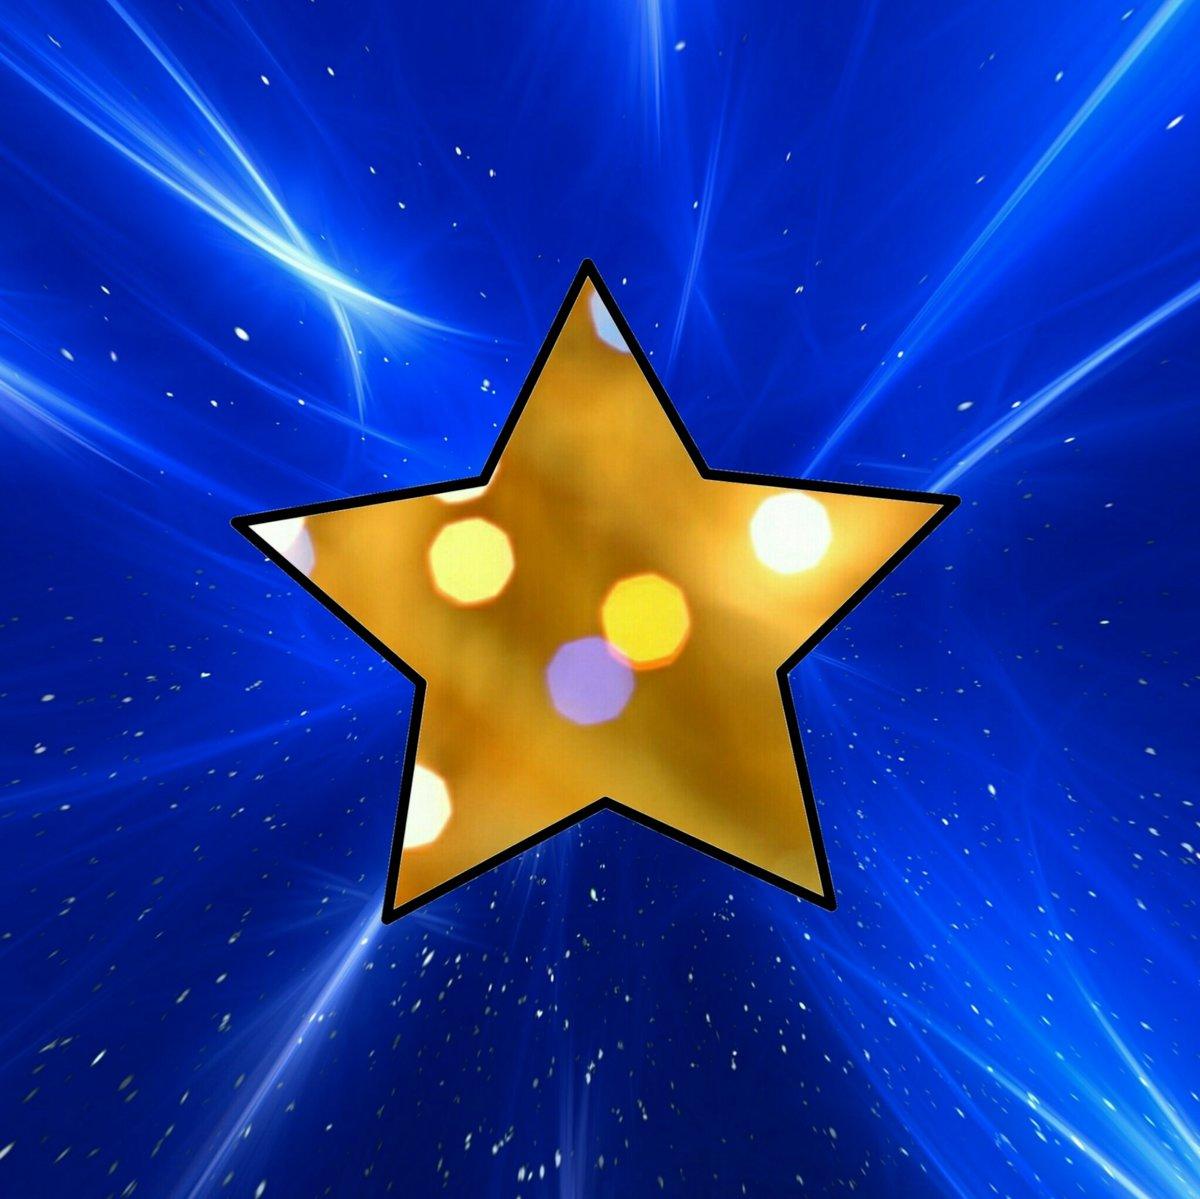 Очень красивая звезда картинки